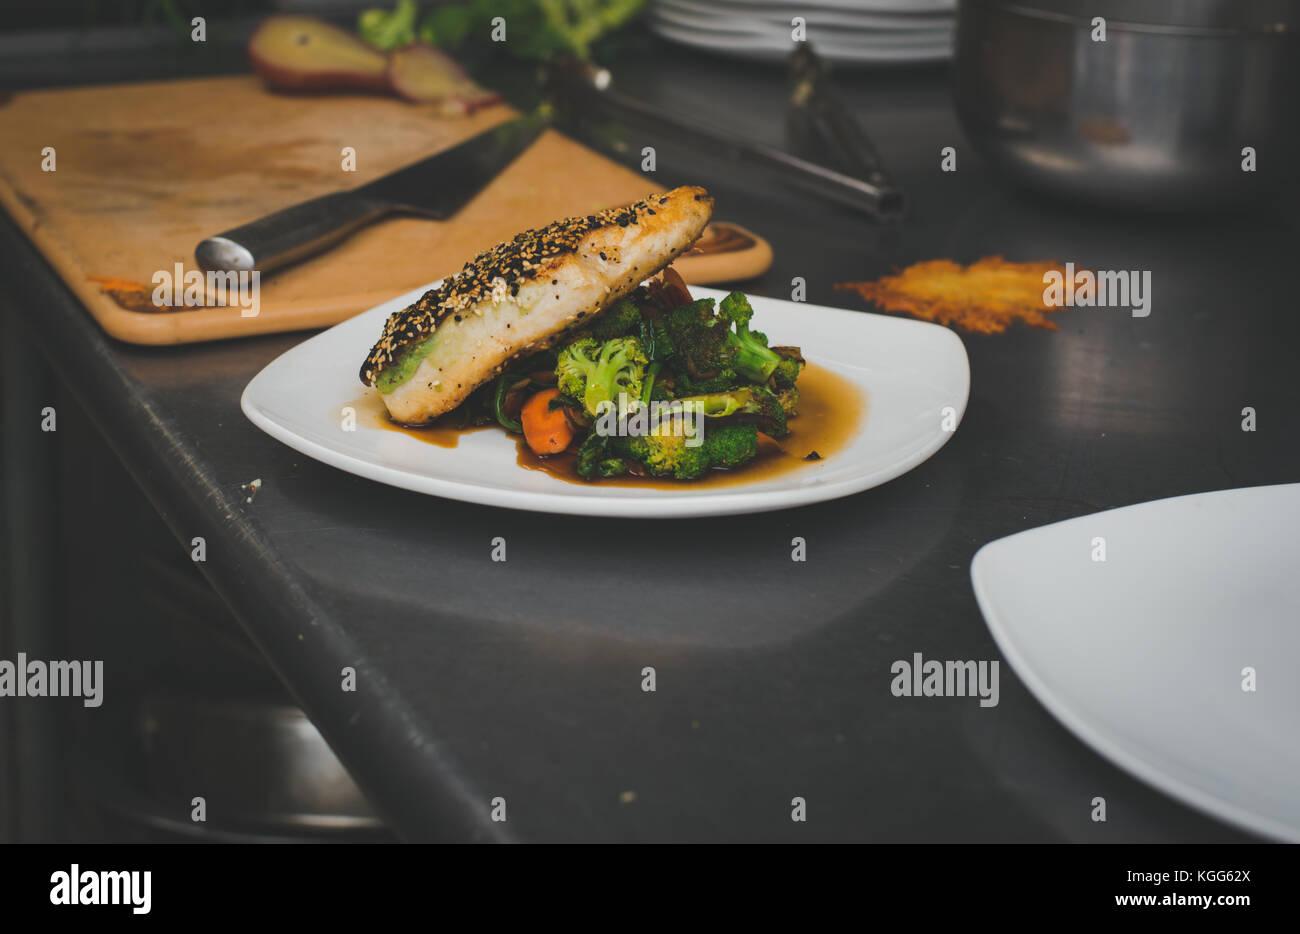 Le saumon et les légumes préparés dans un restaurant. Photo Stock